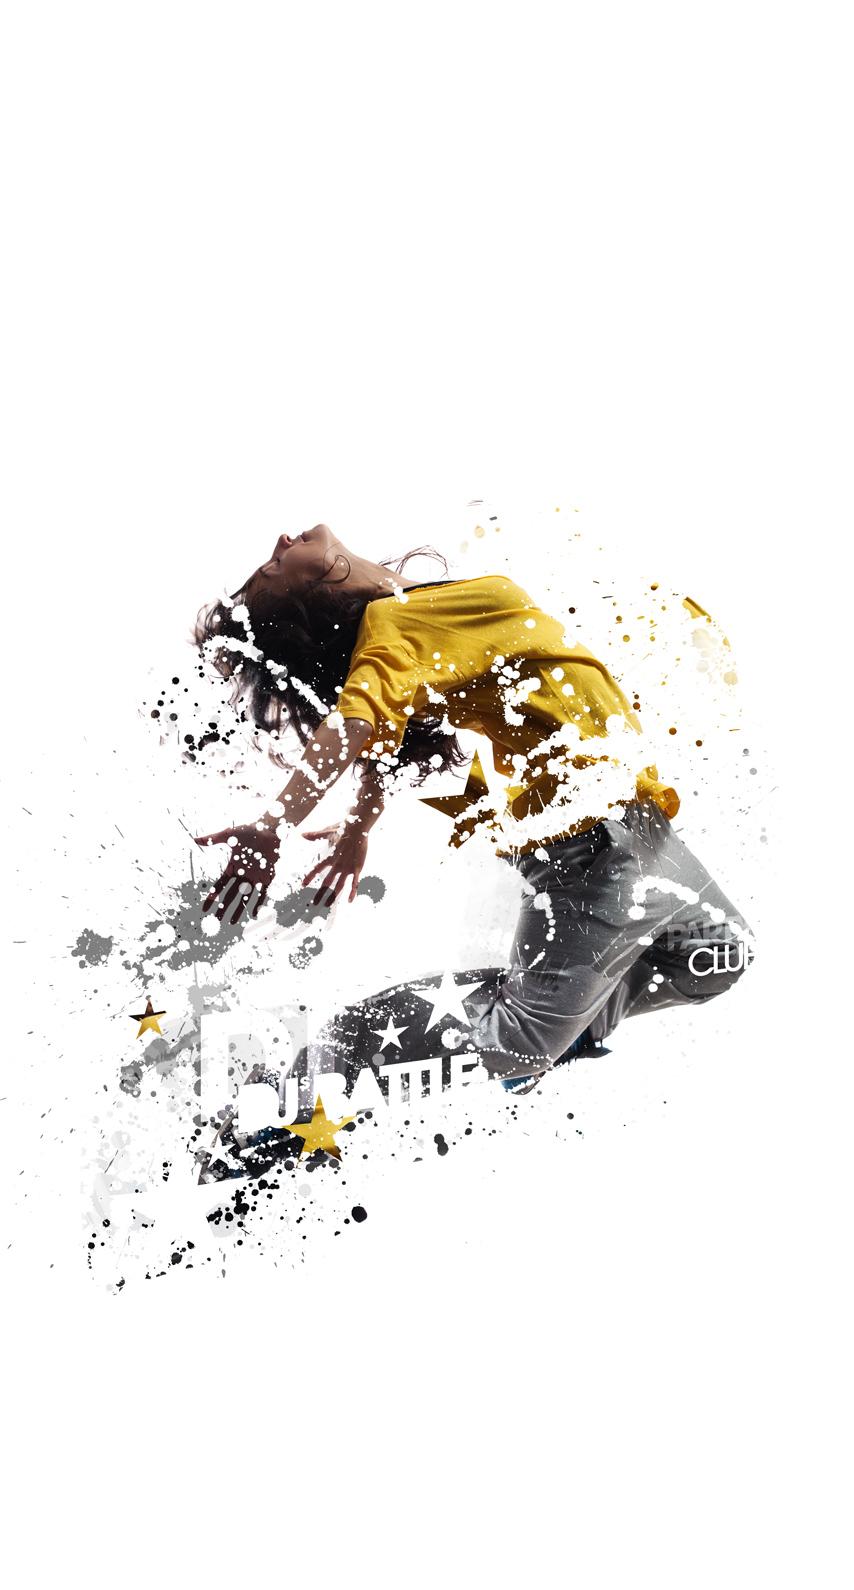 man, motion, desktop, danger, graphic design, competition, recreation, action